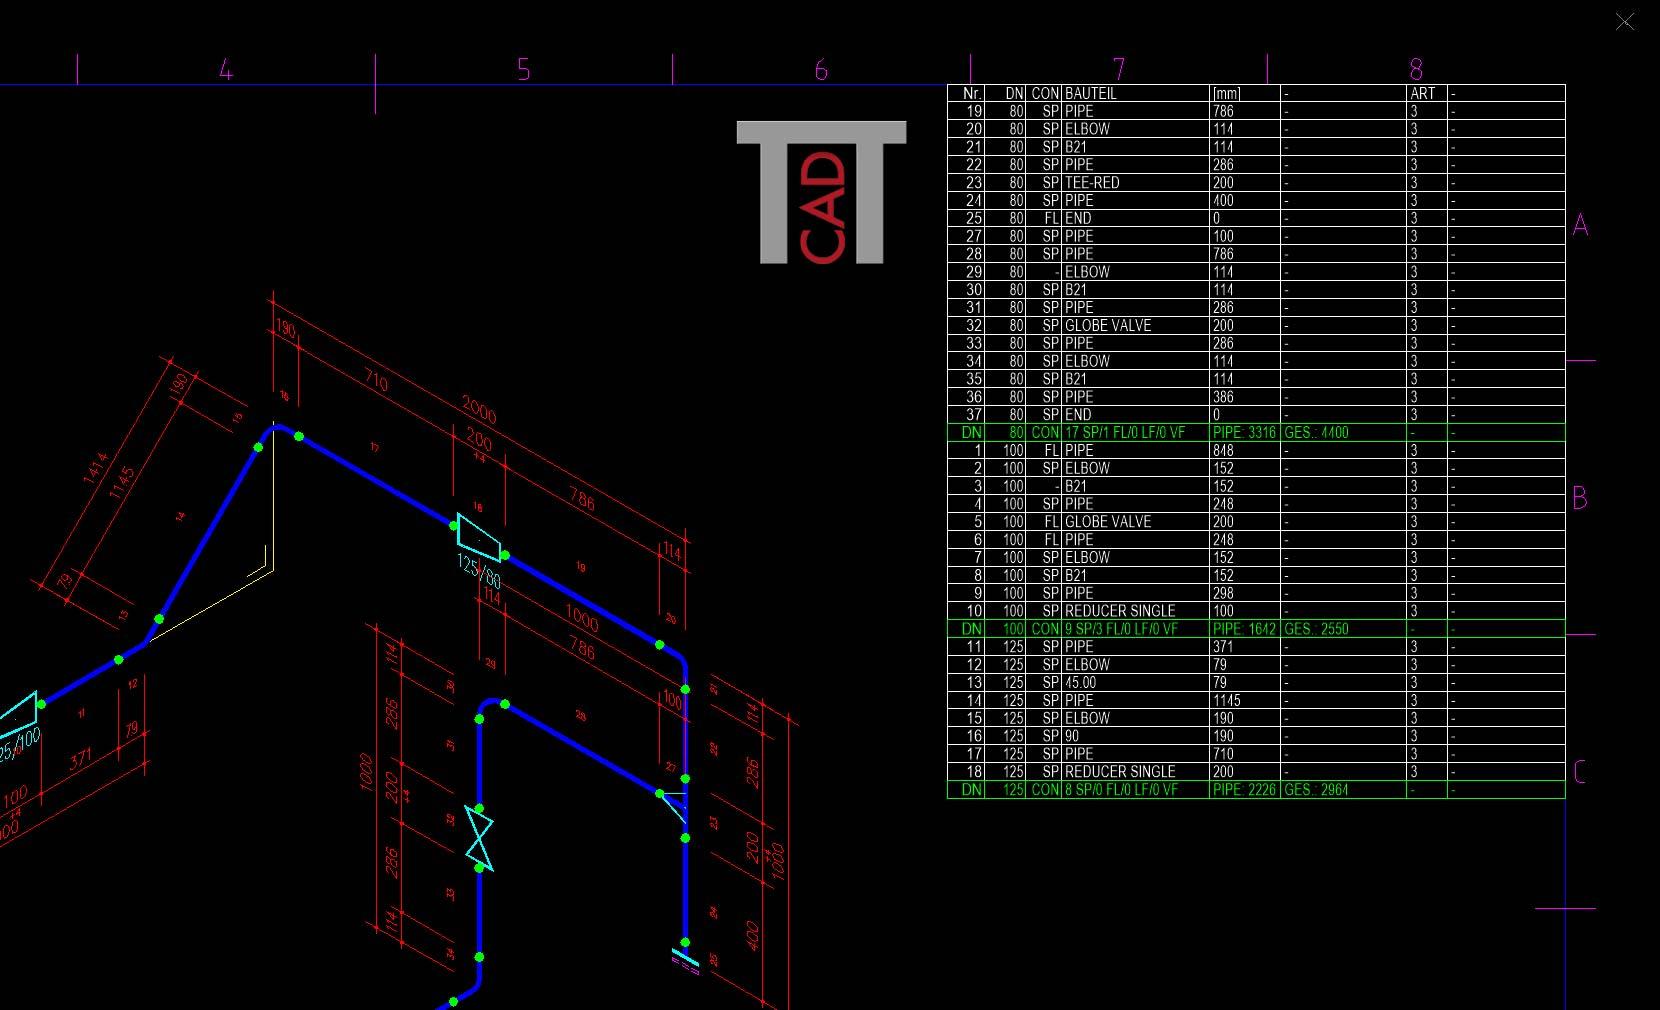 Stueckliste auf Knopfdruck erzeugen - PiCAD V19